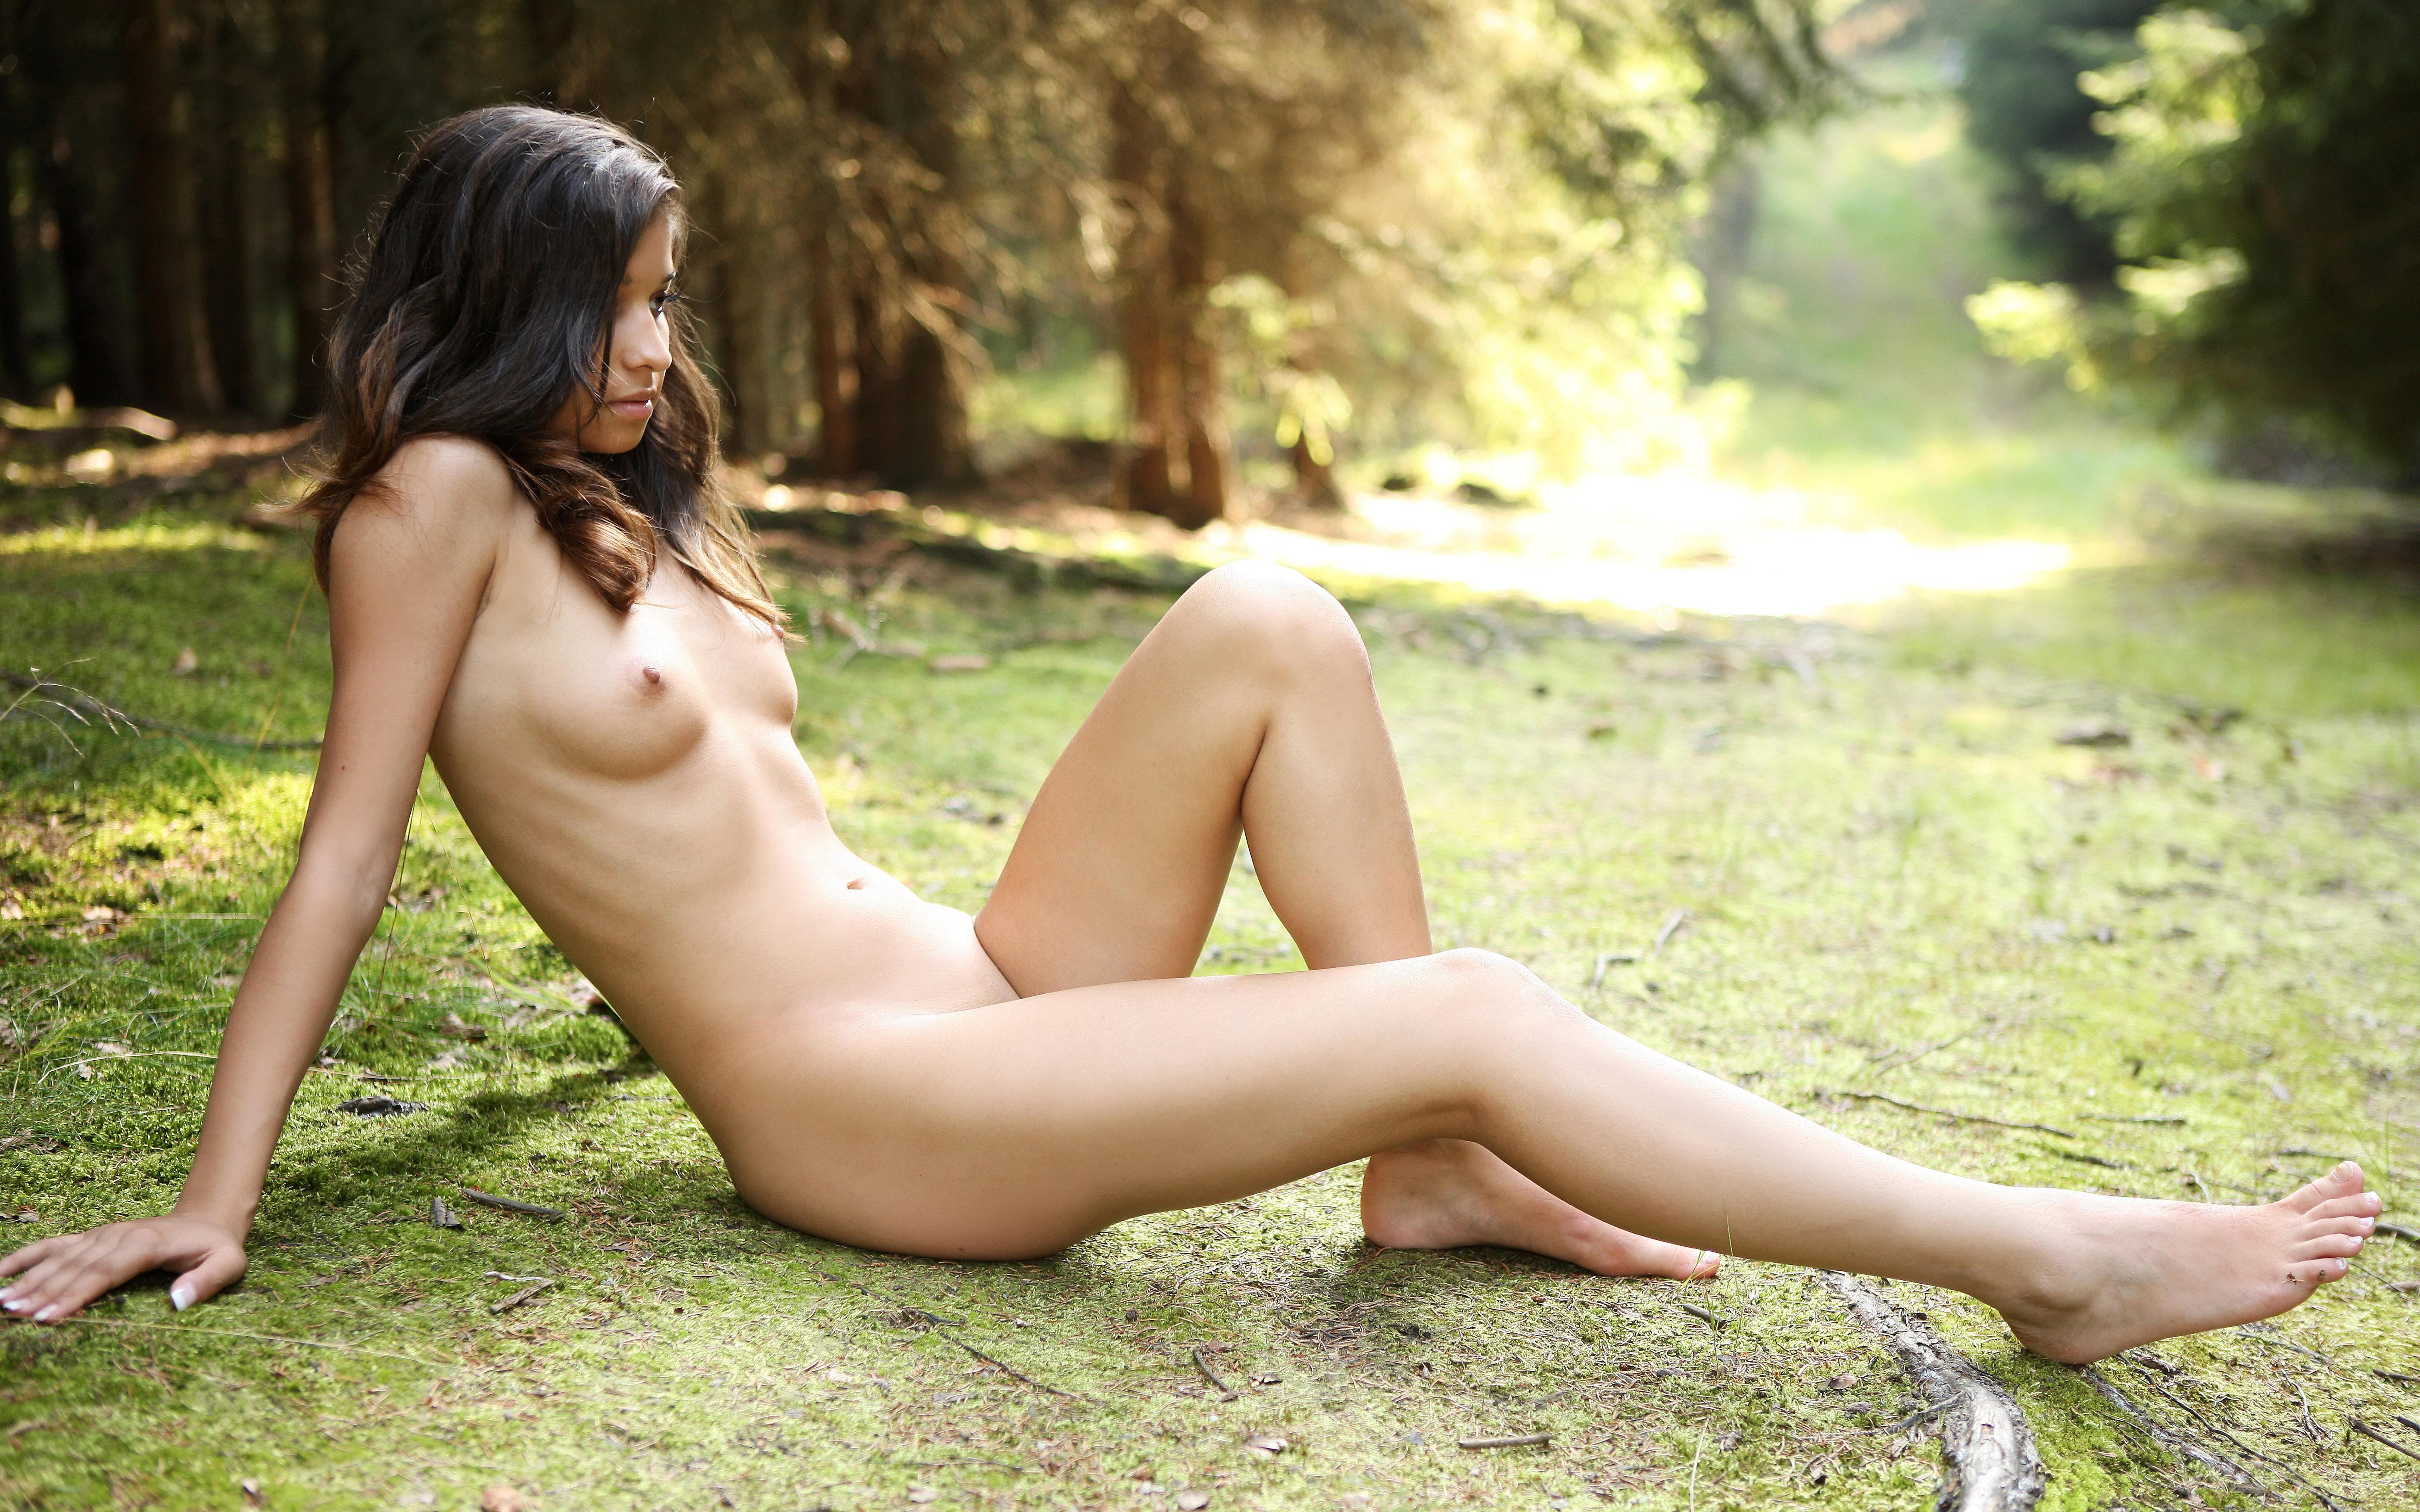 Naked vintage